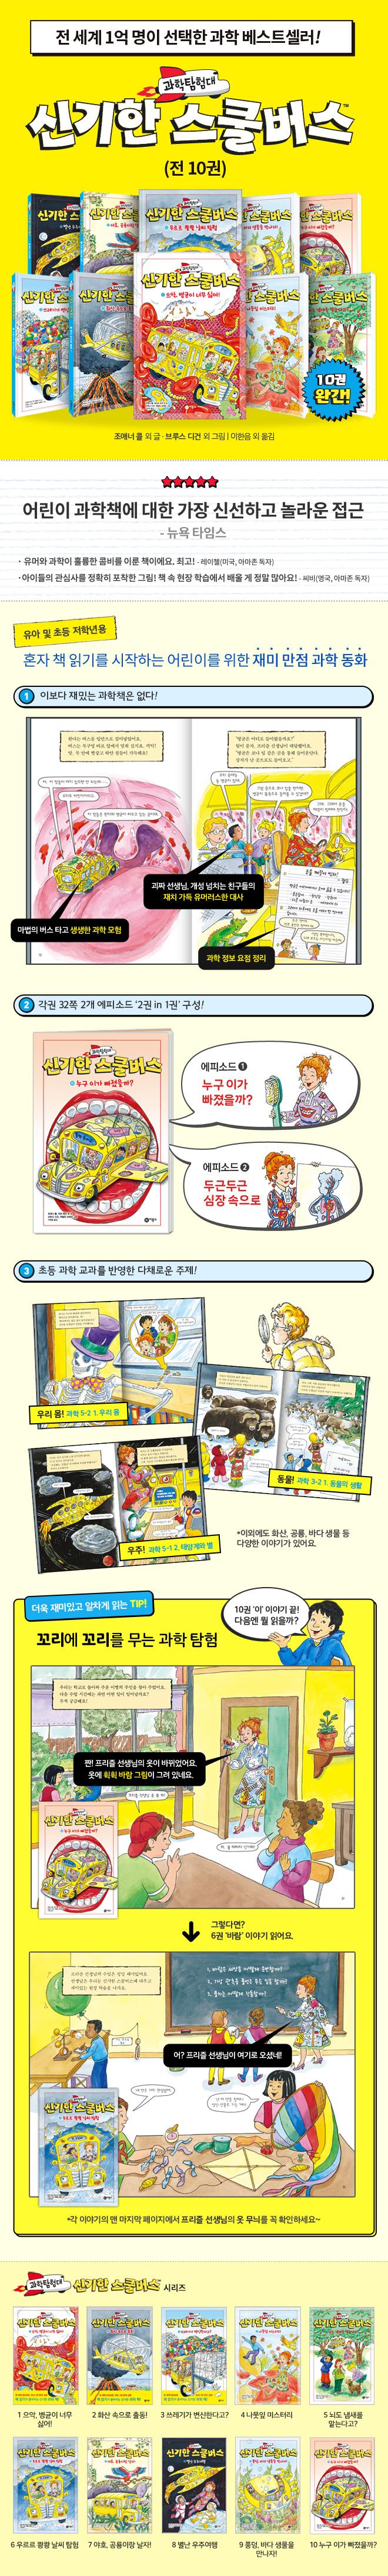 과학탐험대_신기한스쿨버스(전10권)_상세페이지(홈페이지용)